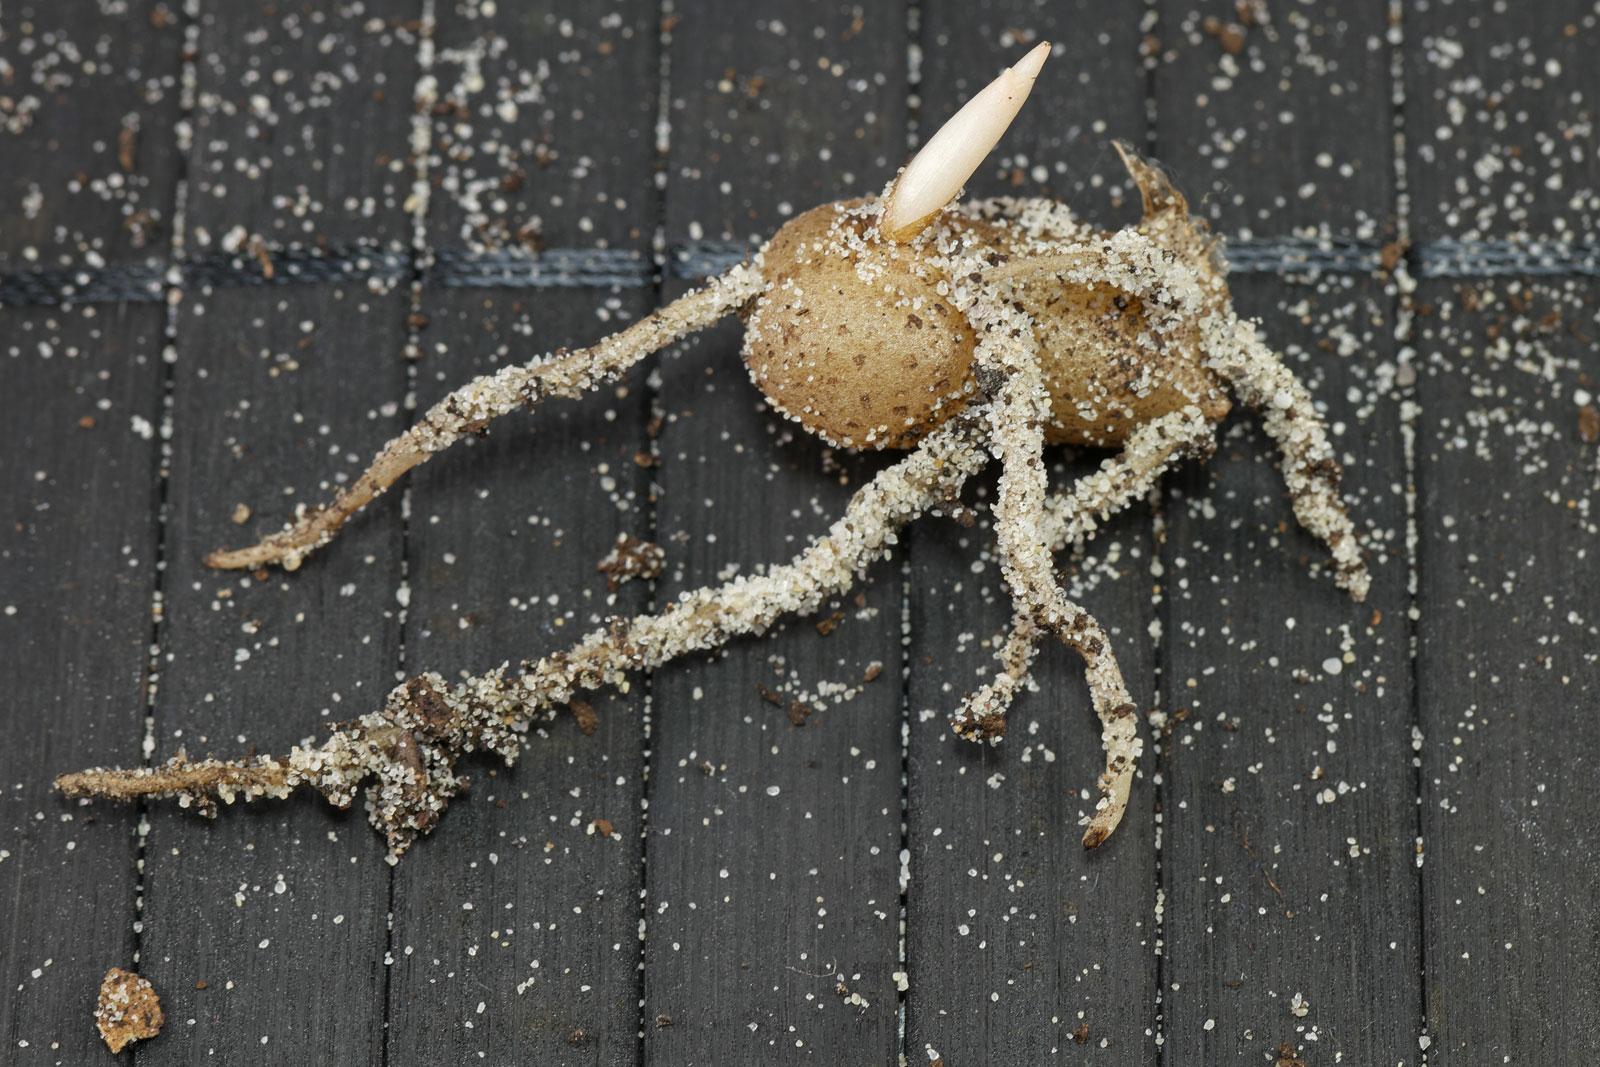 Zamioculcas rhizome